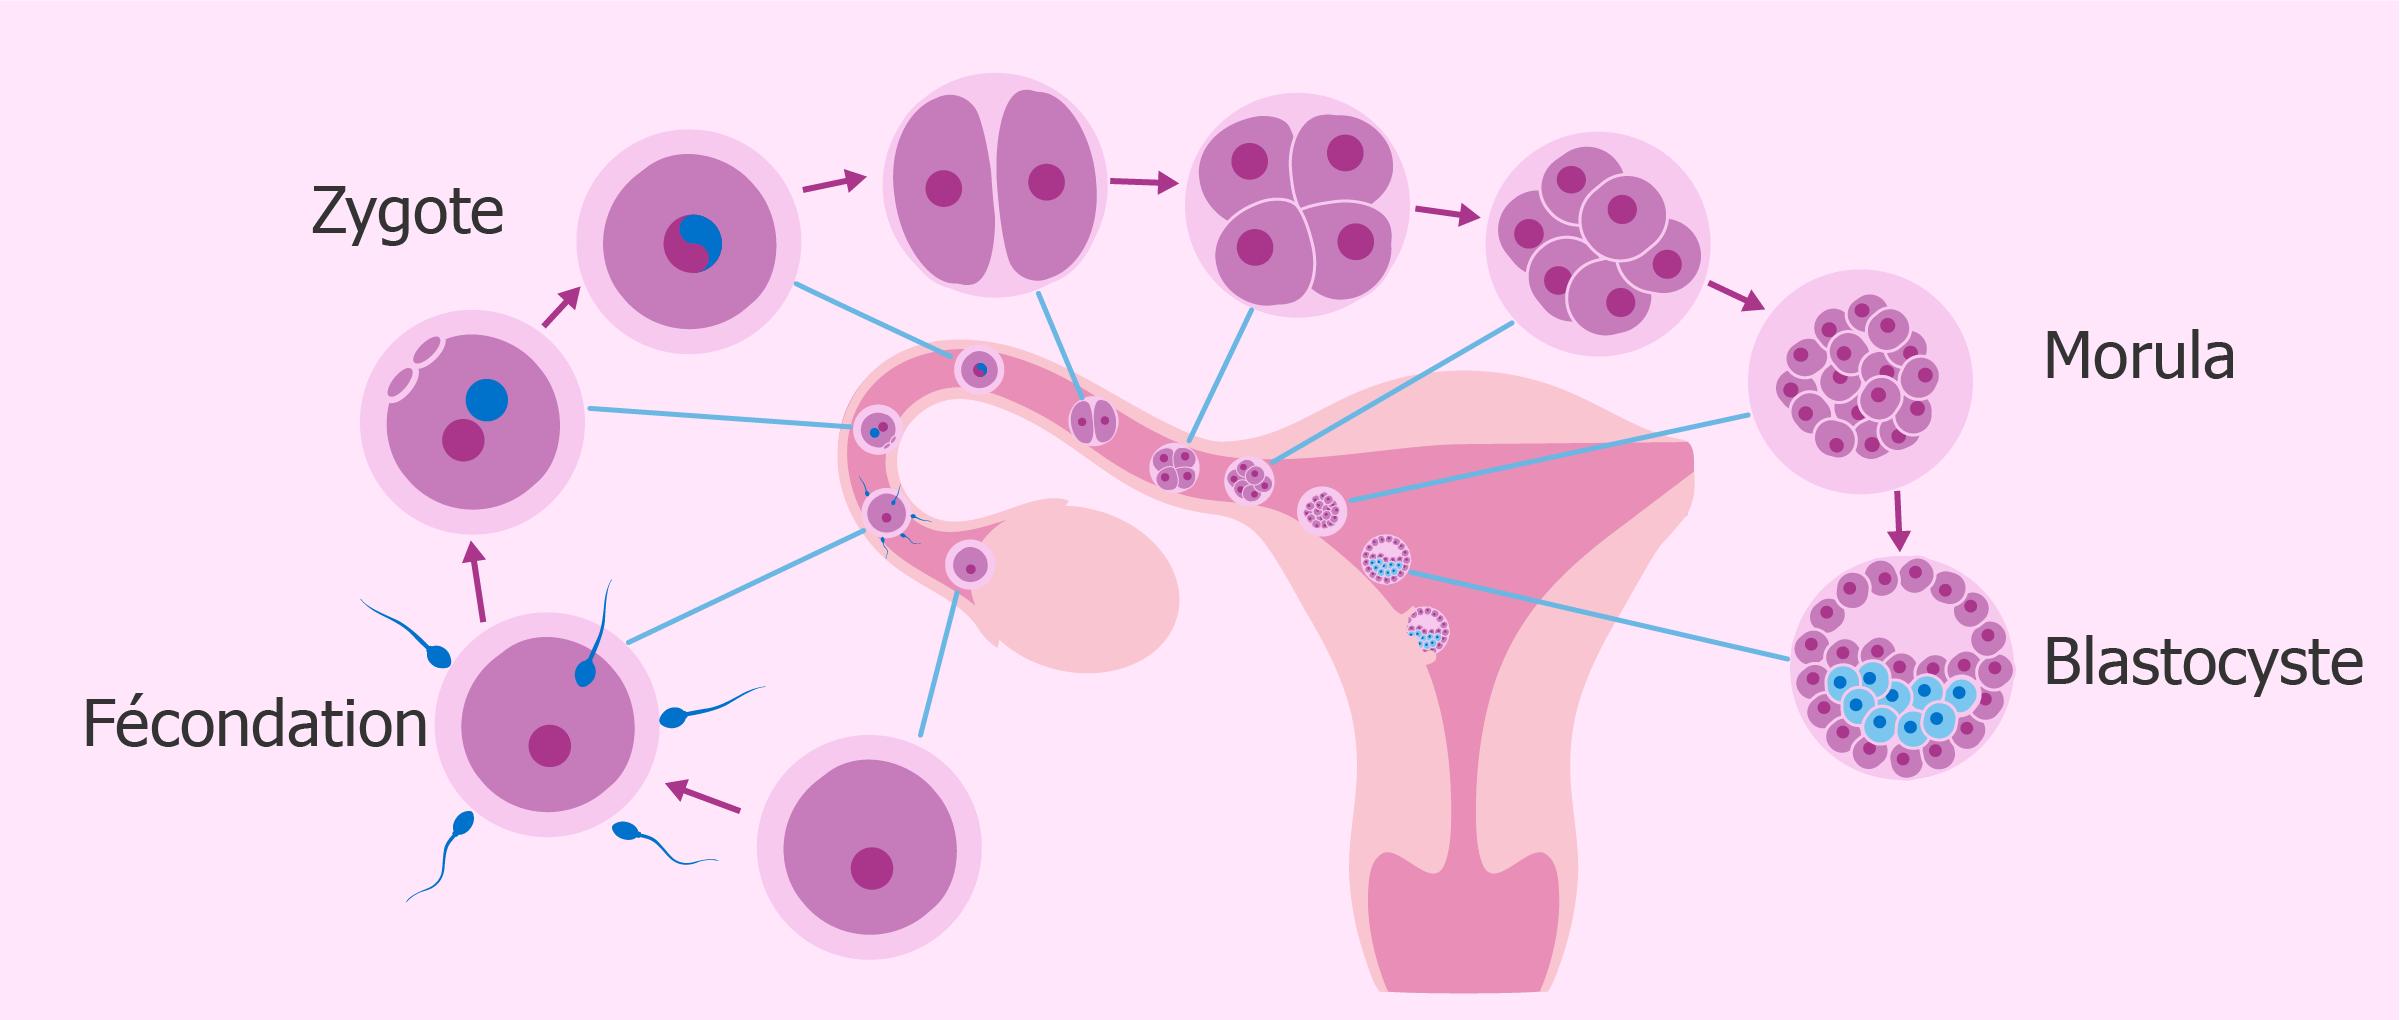 Développement de l'embryon et nidation dans l'endomètre